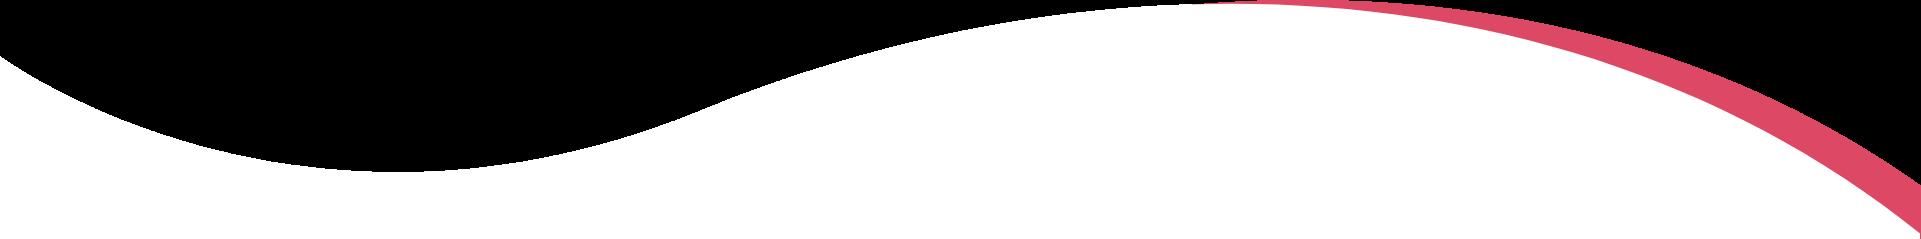 banner mask